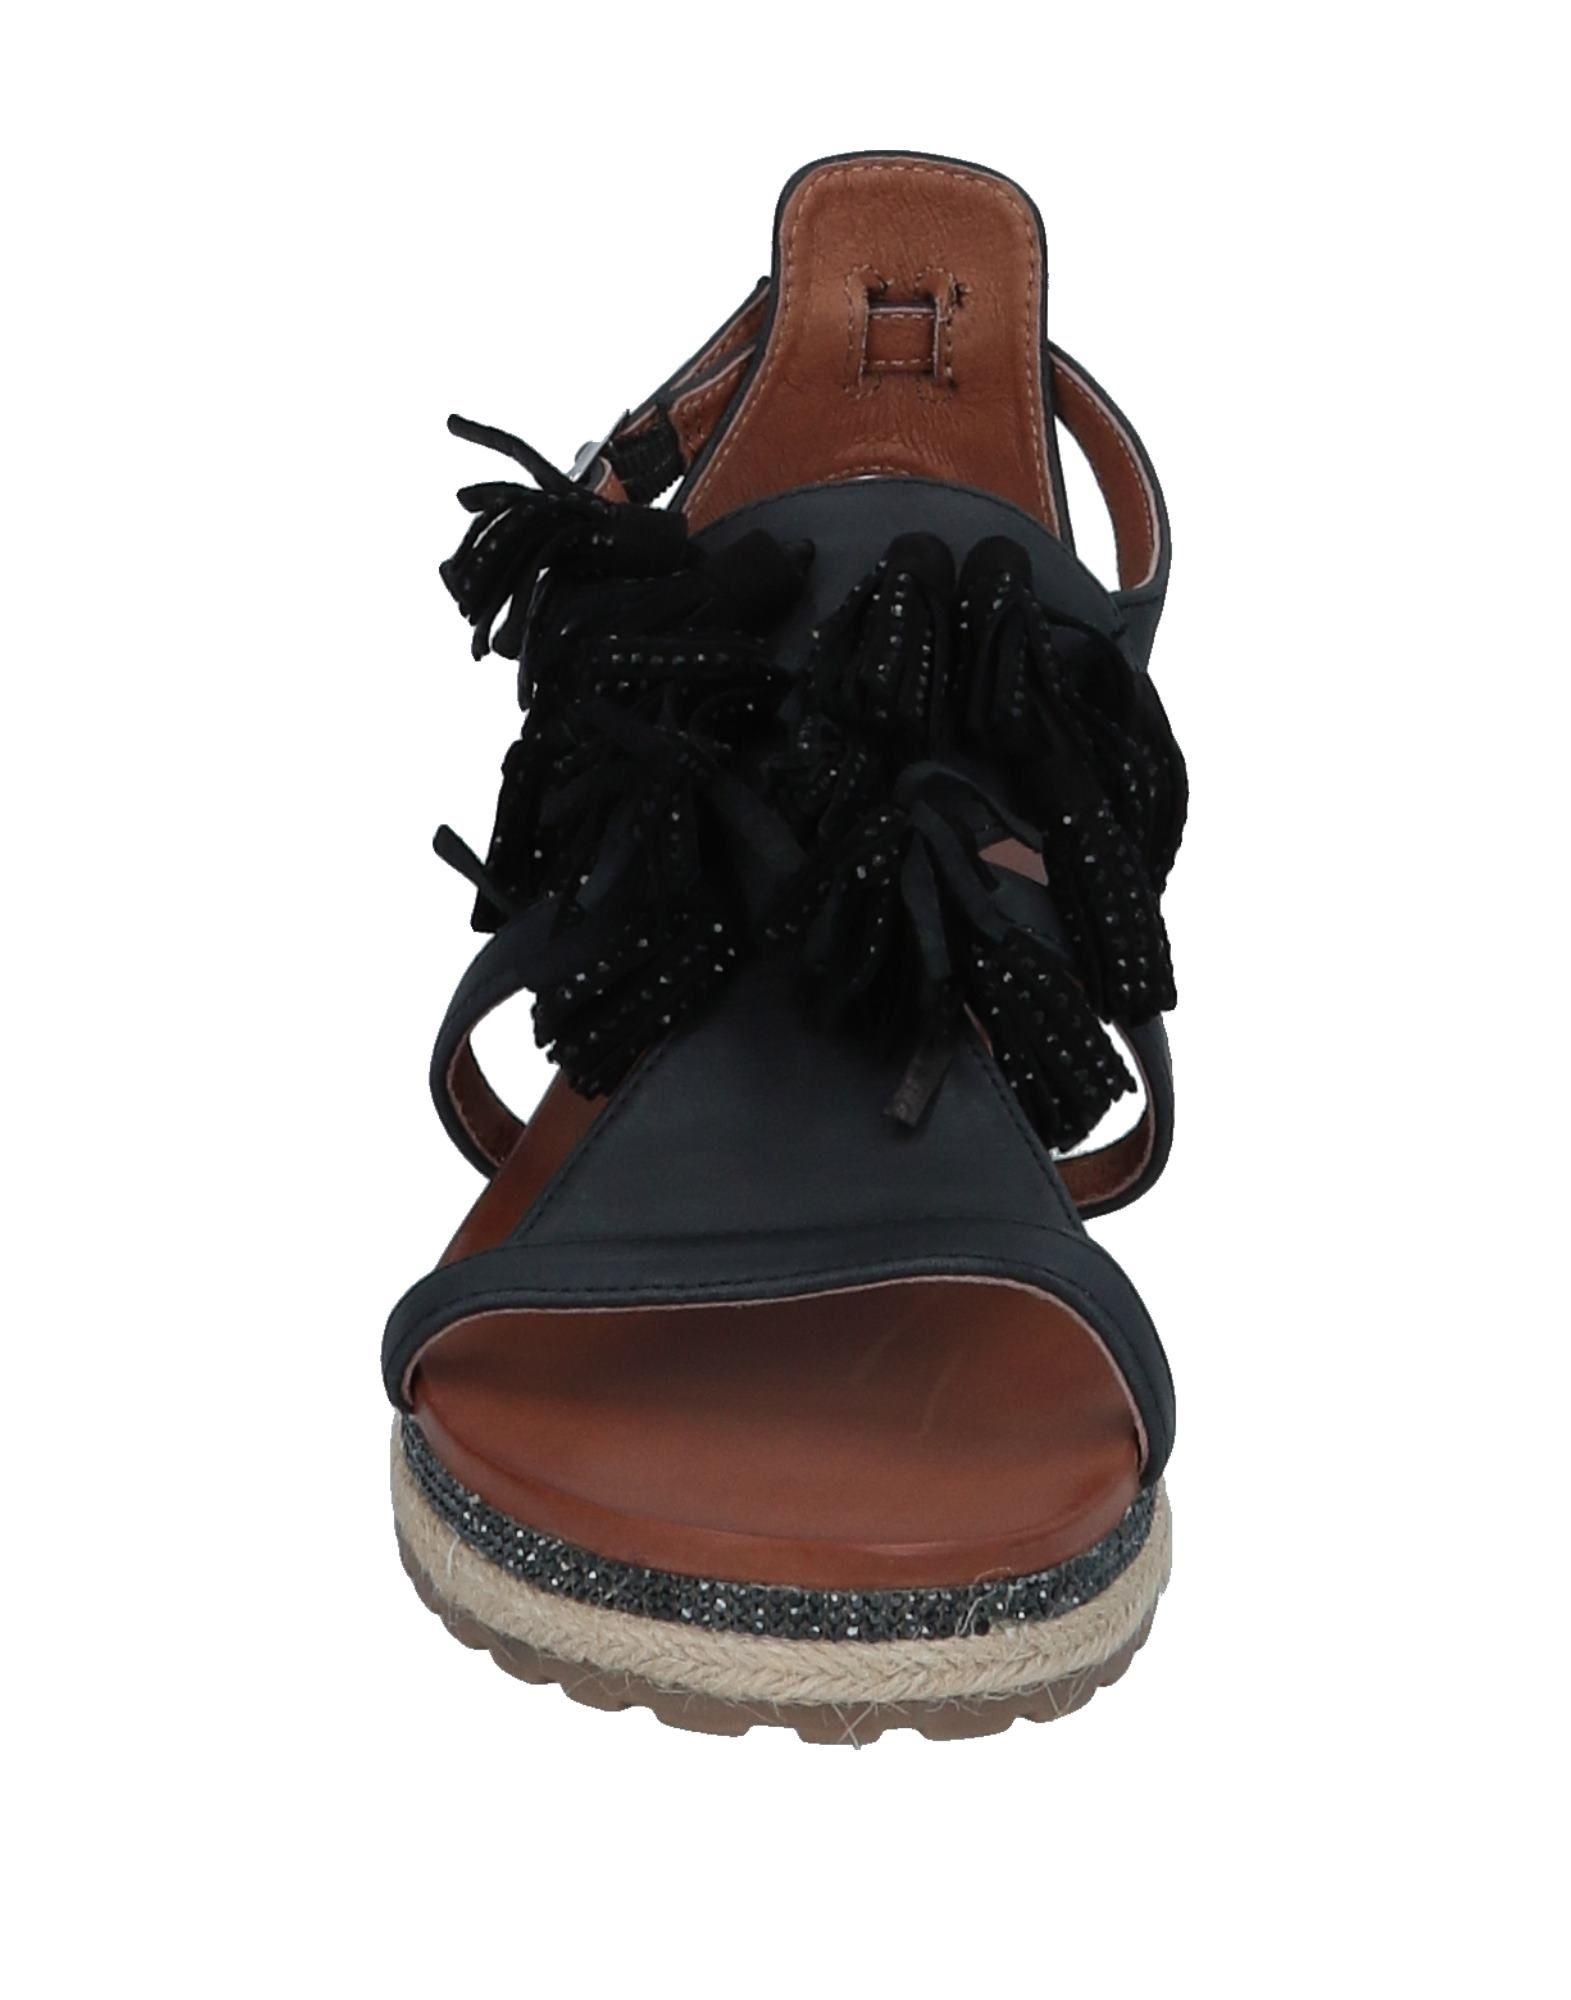 La Damenschuhe Plus Sandalen lohnt Damen Gutes Preis-Leistungs-Verhältnis, es lohnt Sandalen sich 417588